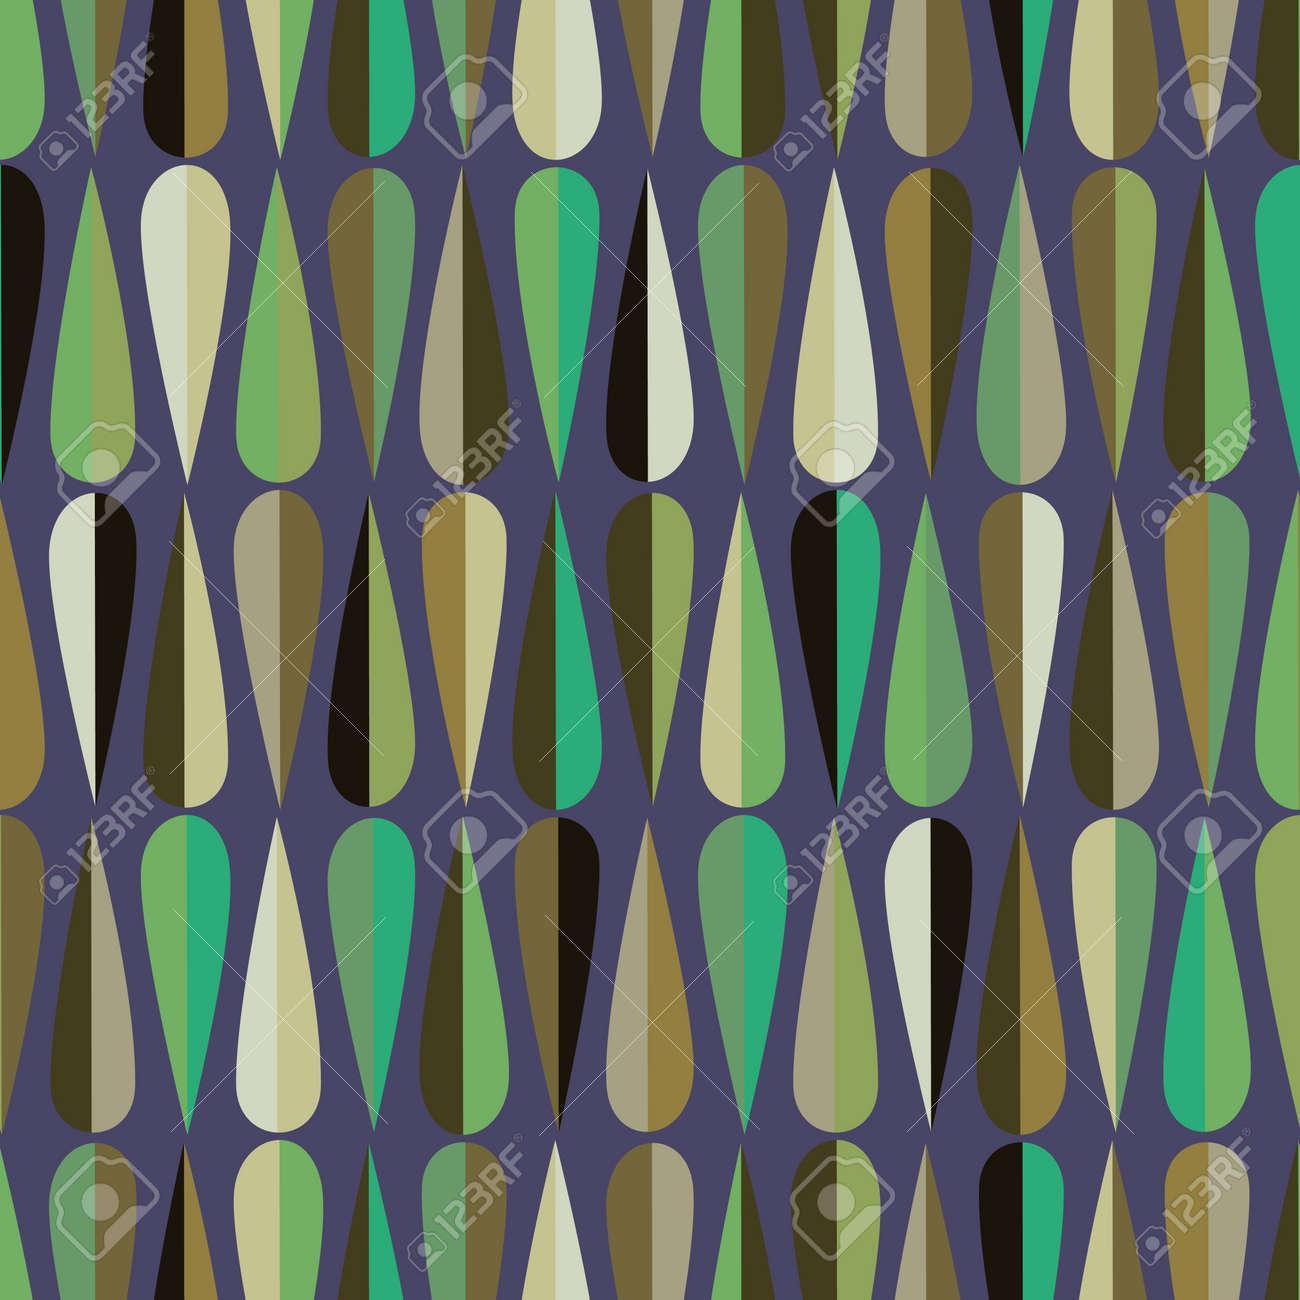 Mitte Des Jahrhunderts Modernen Retro Stil Nahtlose Muster Mit  Tropfenformen In Vaus Farbtöne, Abstrakten